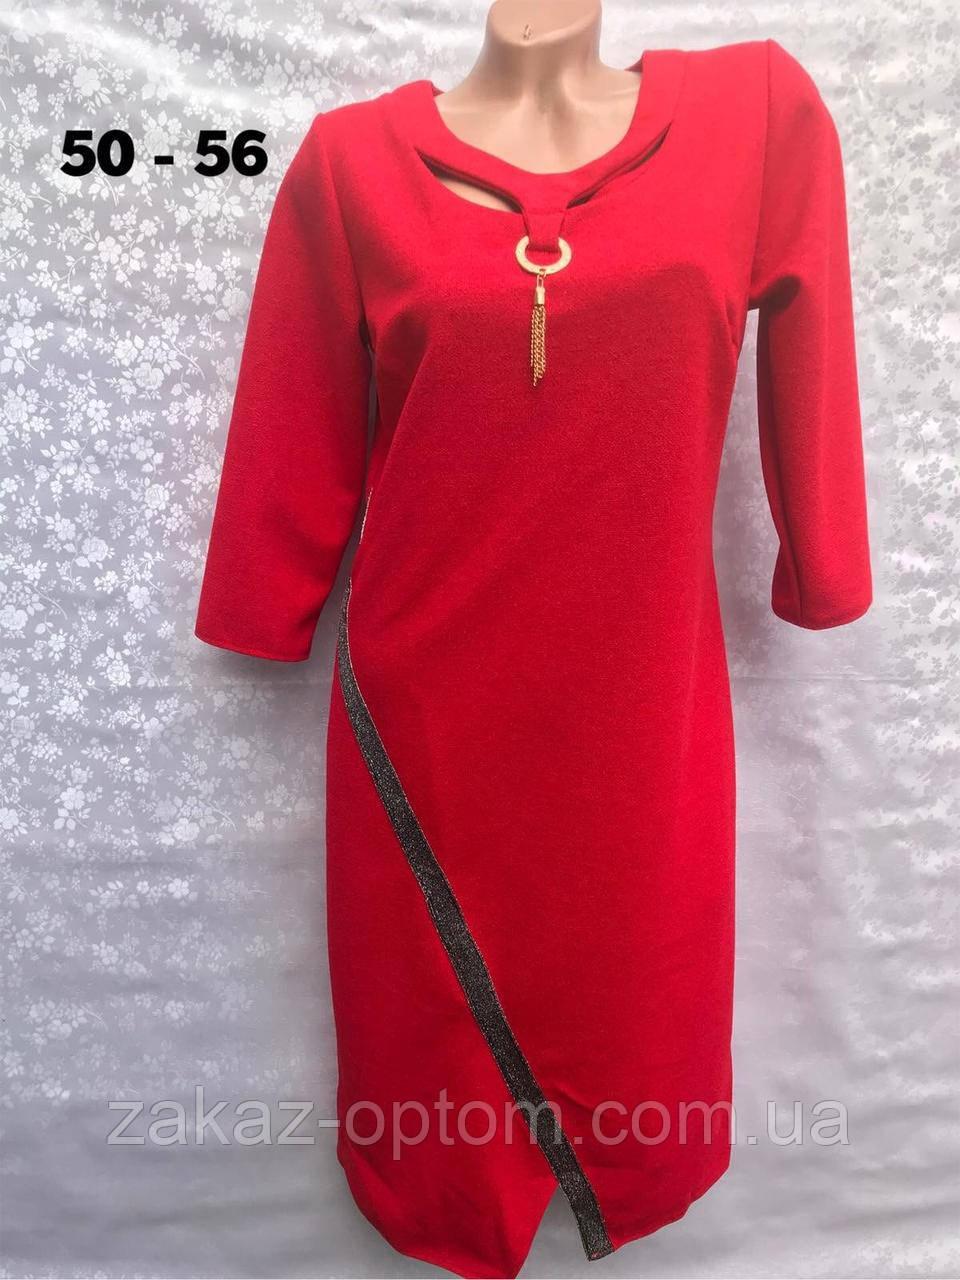 Платье женское оптом(50-56)Украина-63003